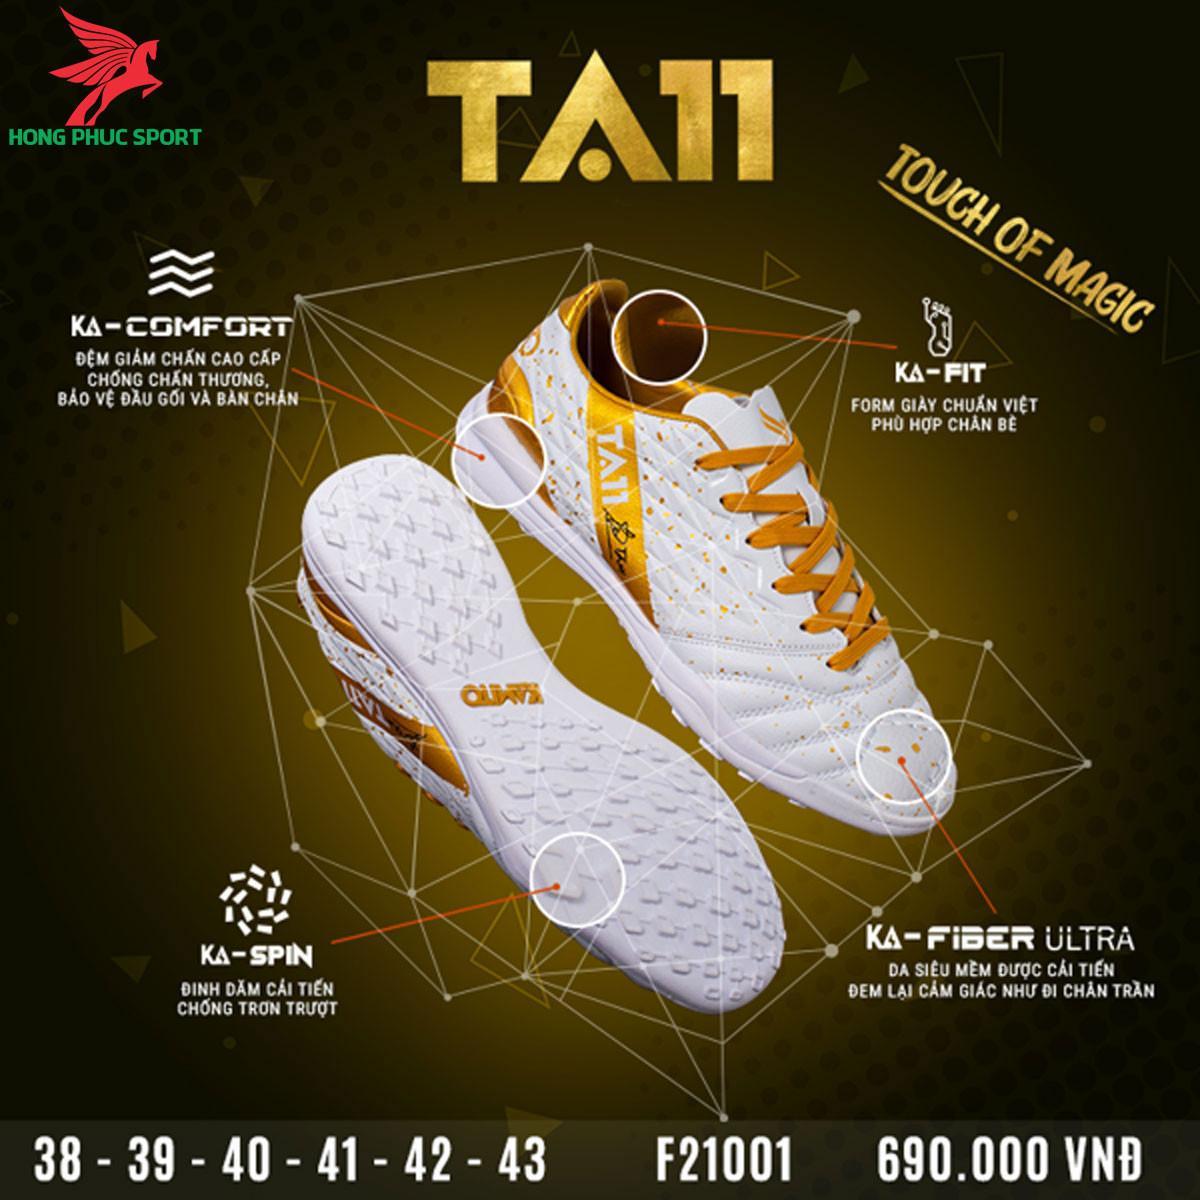 Giày đá banh Kamito TA11 sân cỏ nhân tạo màu Trắng